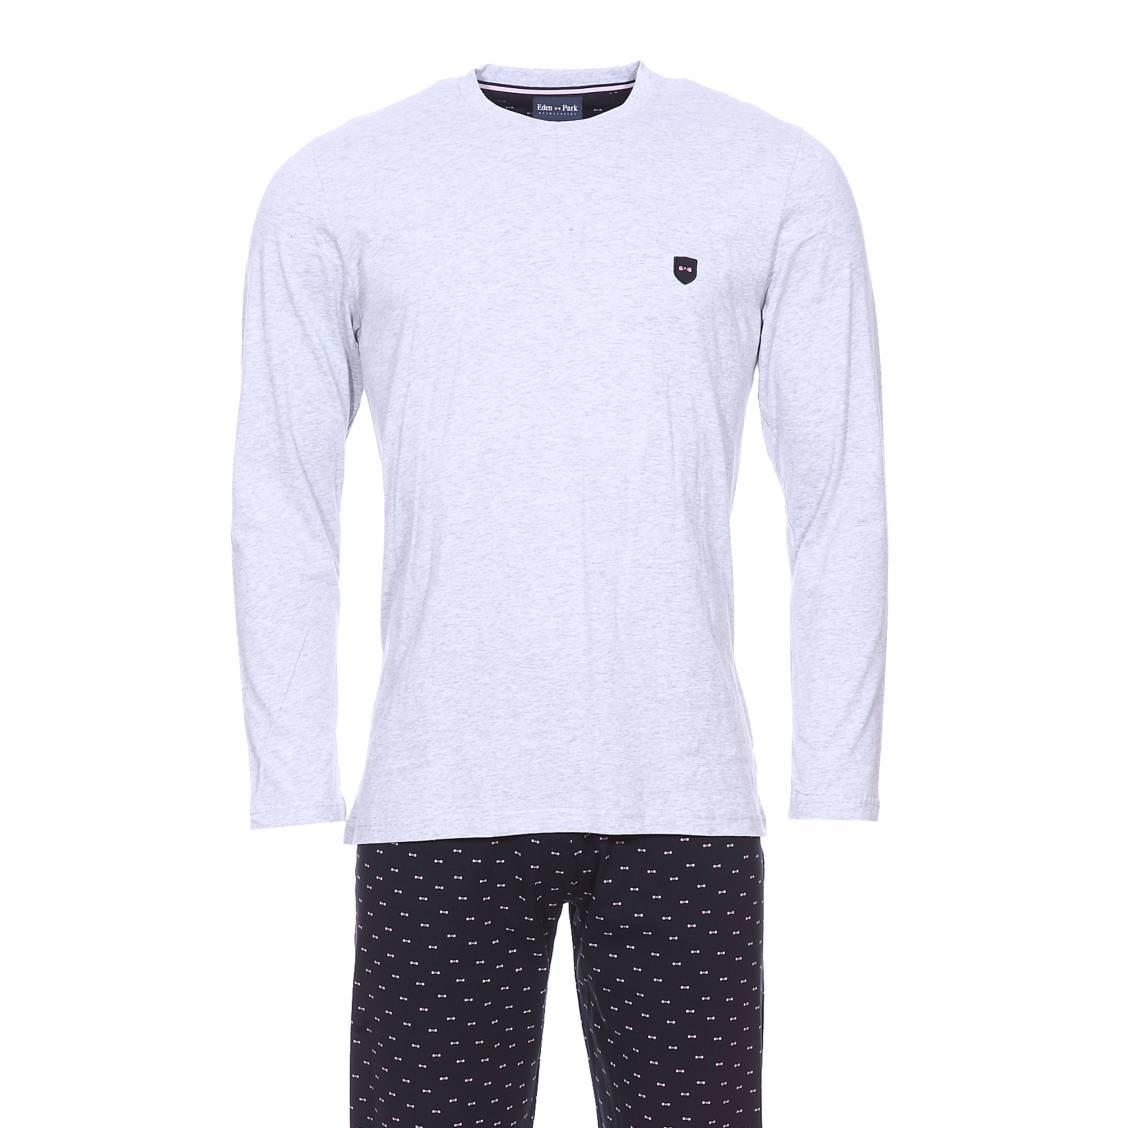 Pyjama long  en coton : tee-shirt manches longues gris chiné et pantalon bleu marine à petits n?uds rose pâle